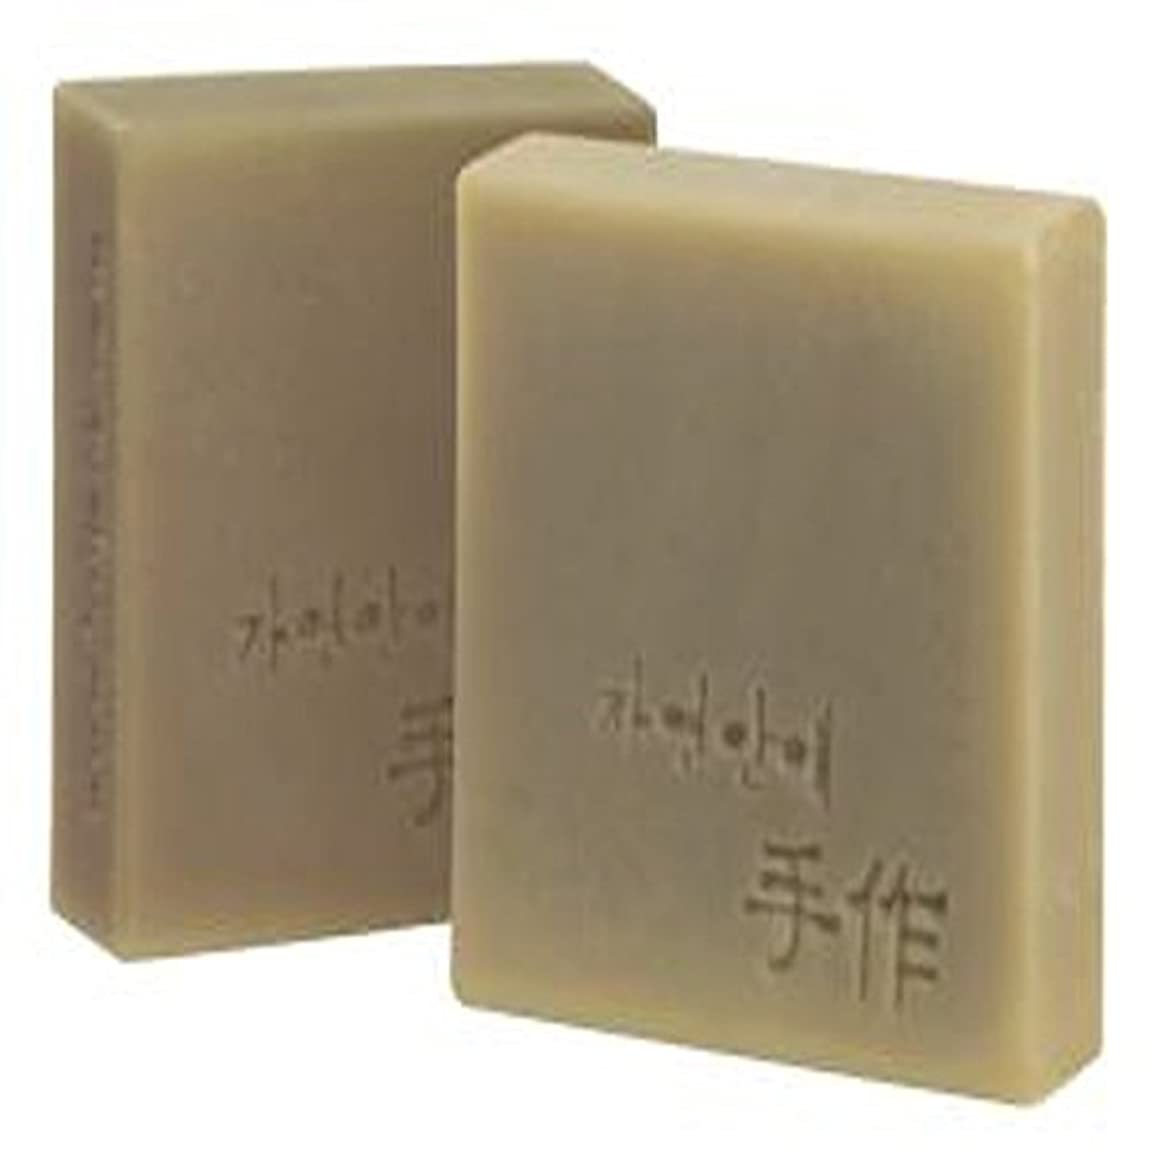 エンドウ資金スケッチNatural organic 有機天然ソープ 固形 無添加 洗顔せっけんクレンジング 石鹸 [並行輸入品] (清州)